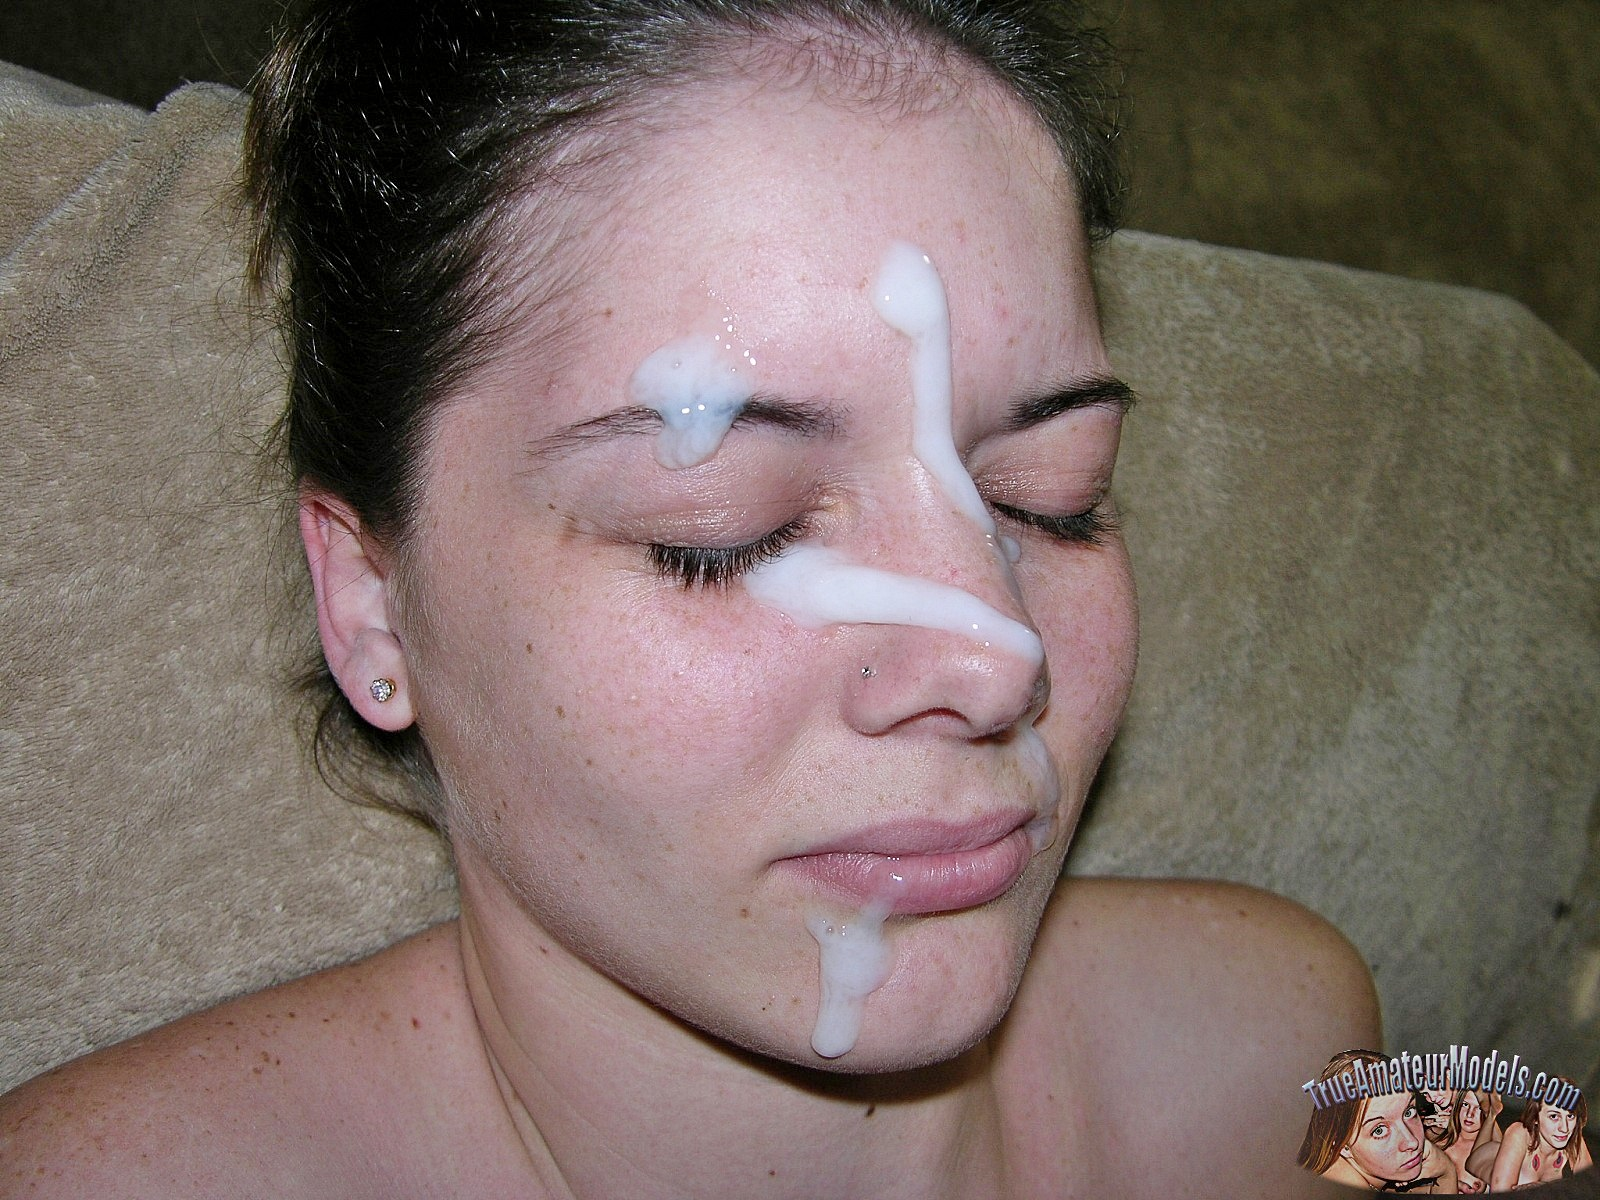 Freckled Face Amateur Teenager Gets A Huge Cum Facial 115222-7777